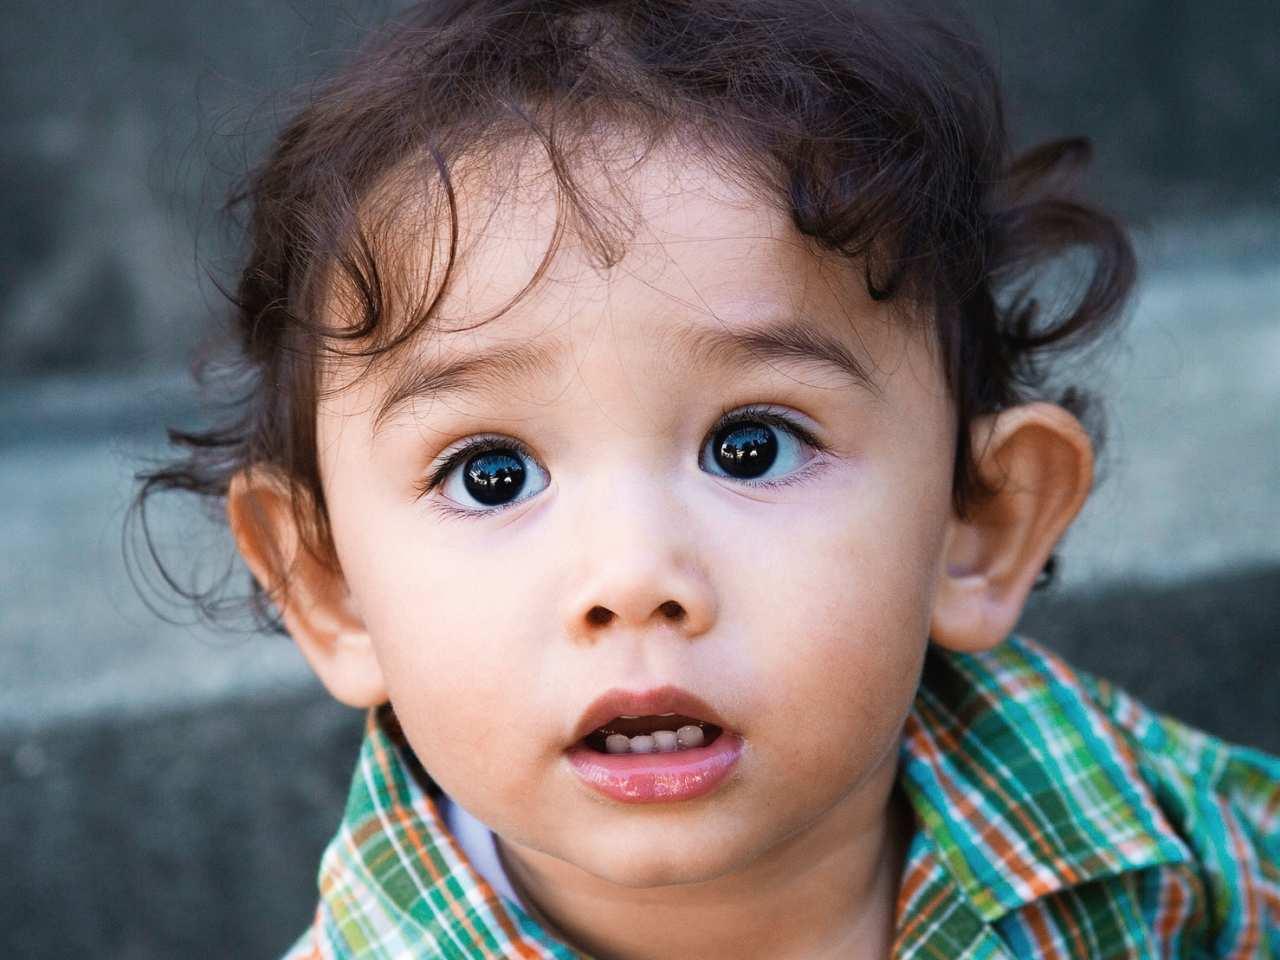 Monatsgespräch Dr Maas abstehende Ohren Wir Eltern